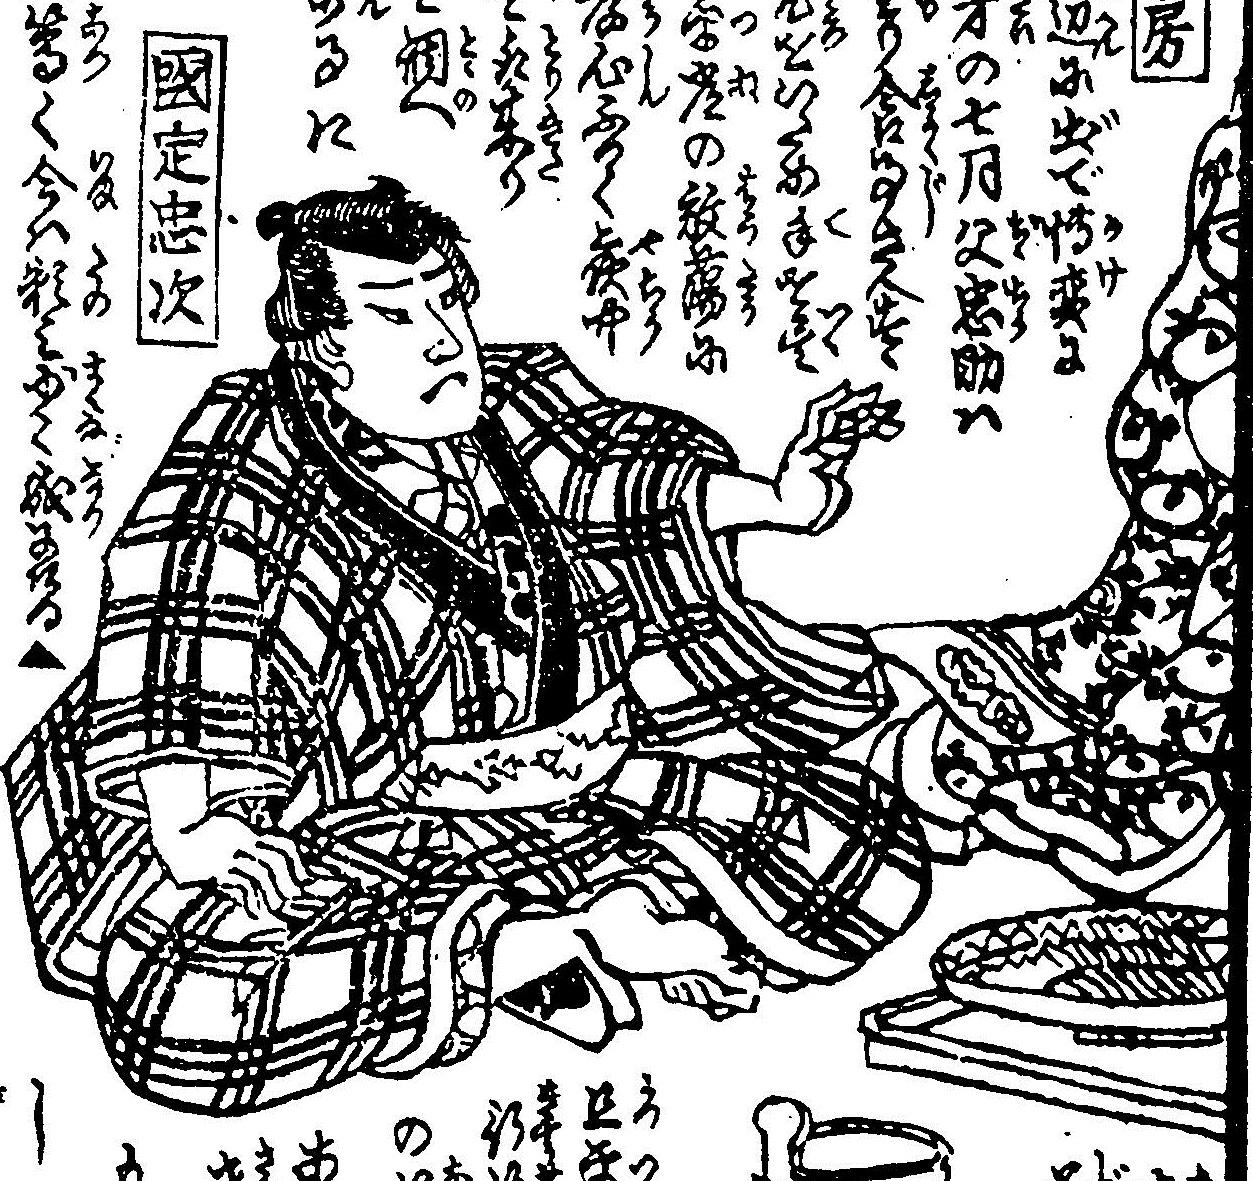 侠客の武勇譚と共助力~21歳で親分になった国定忠治、その実像を上州赤城山で探る